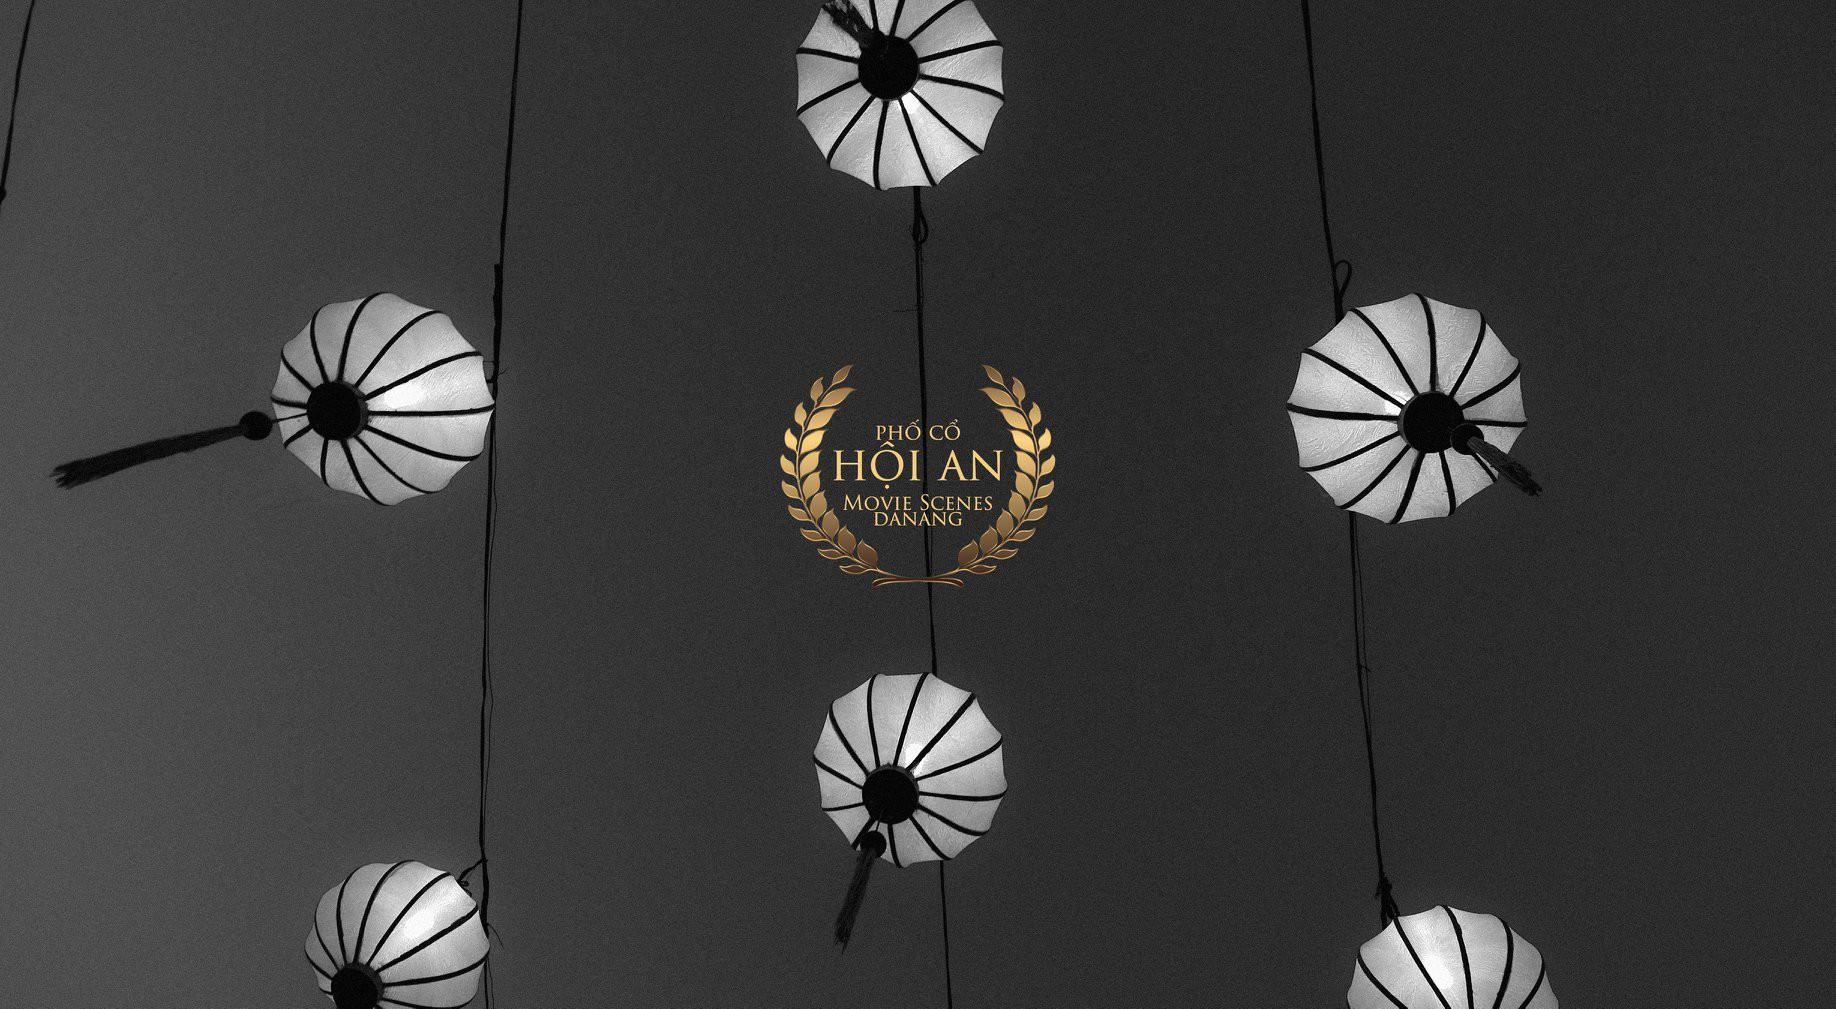 Cũng đi Huế - Đà Nẵng - Hội An mà nhóm bạn này có nguyên một bộ ảnh đẹp và nghệ như poster phim - Ảnh 7.